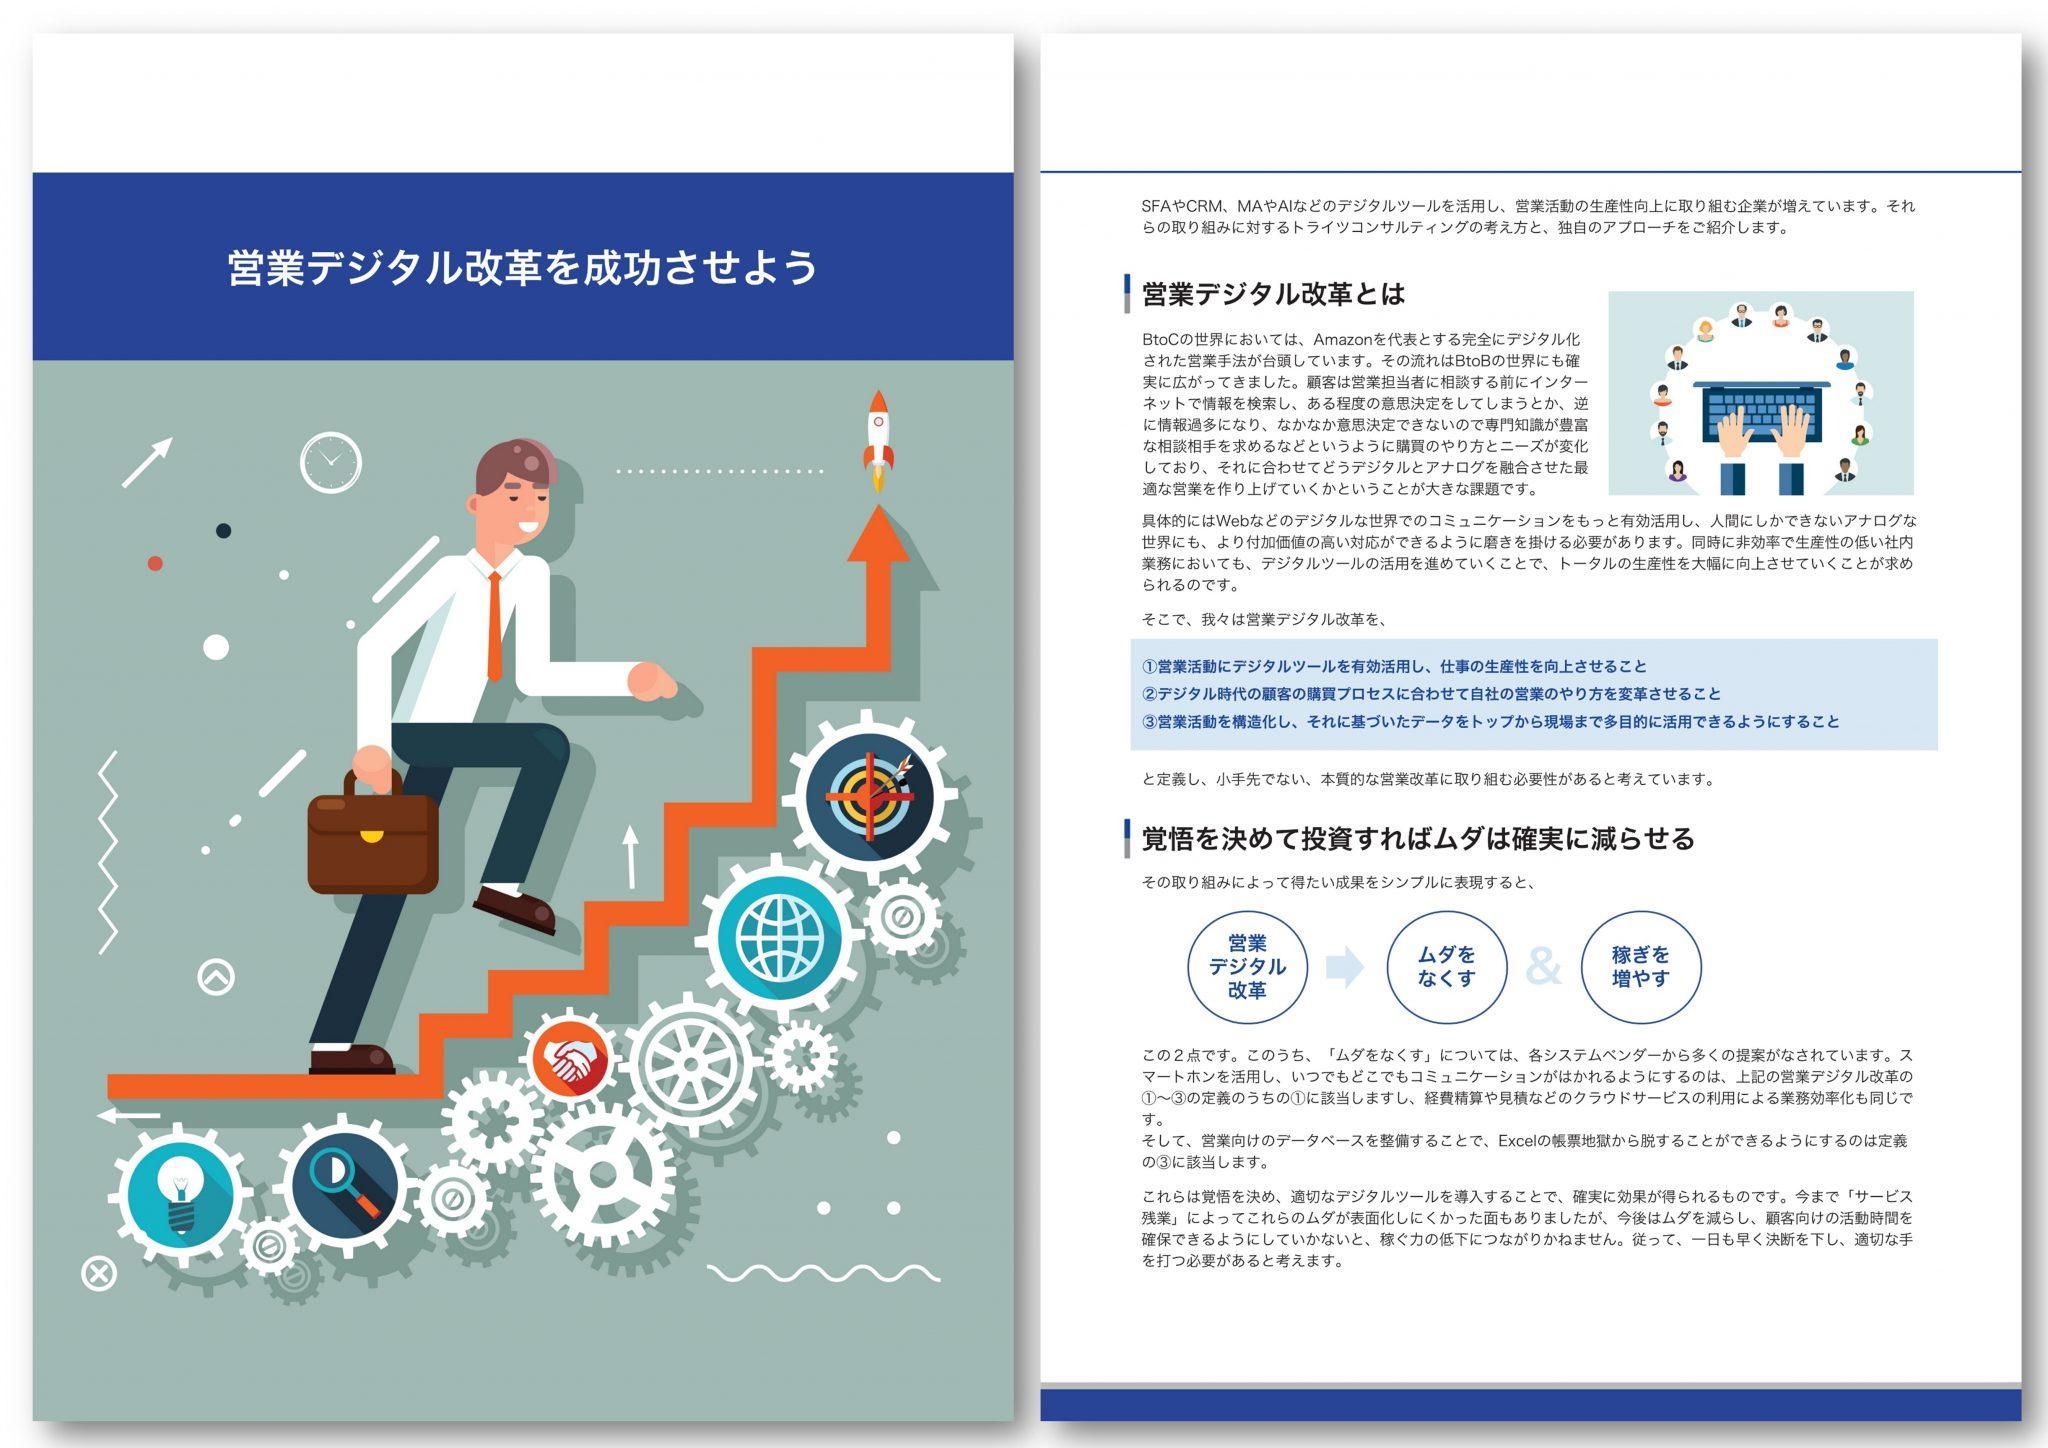 営業デジタル改革を成功させよう(ホワイトペーパー)